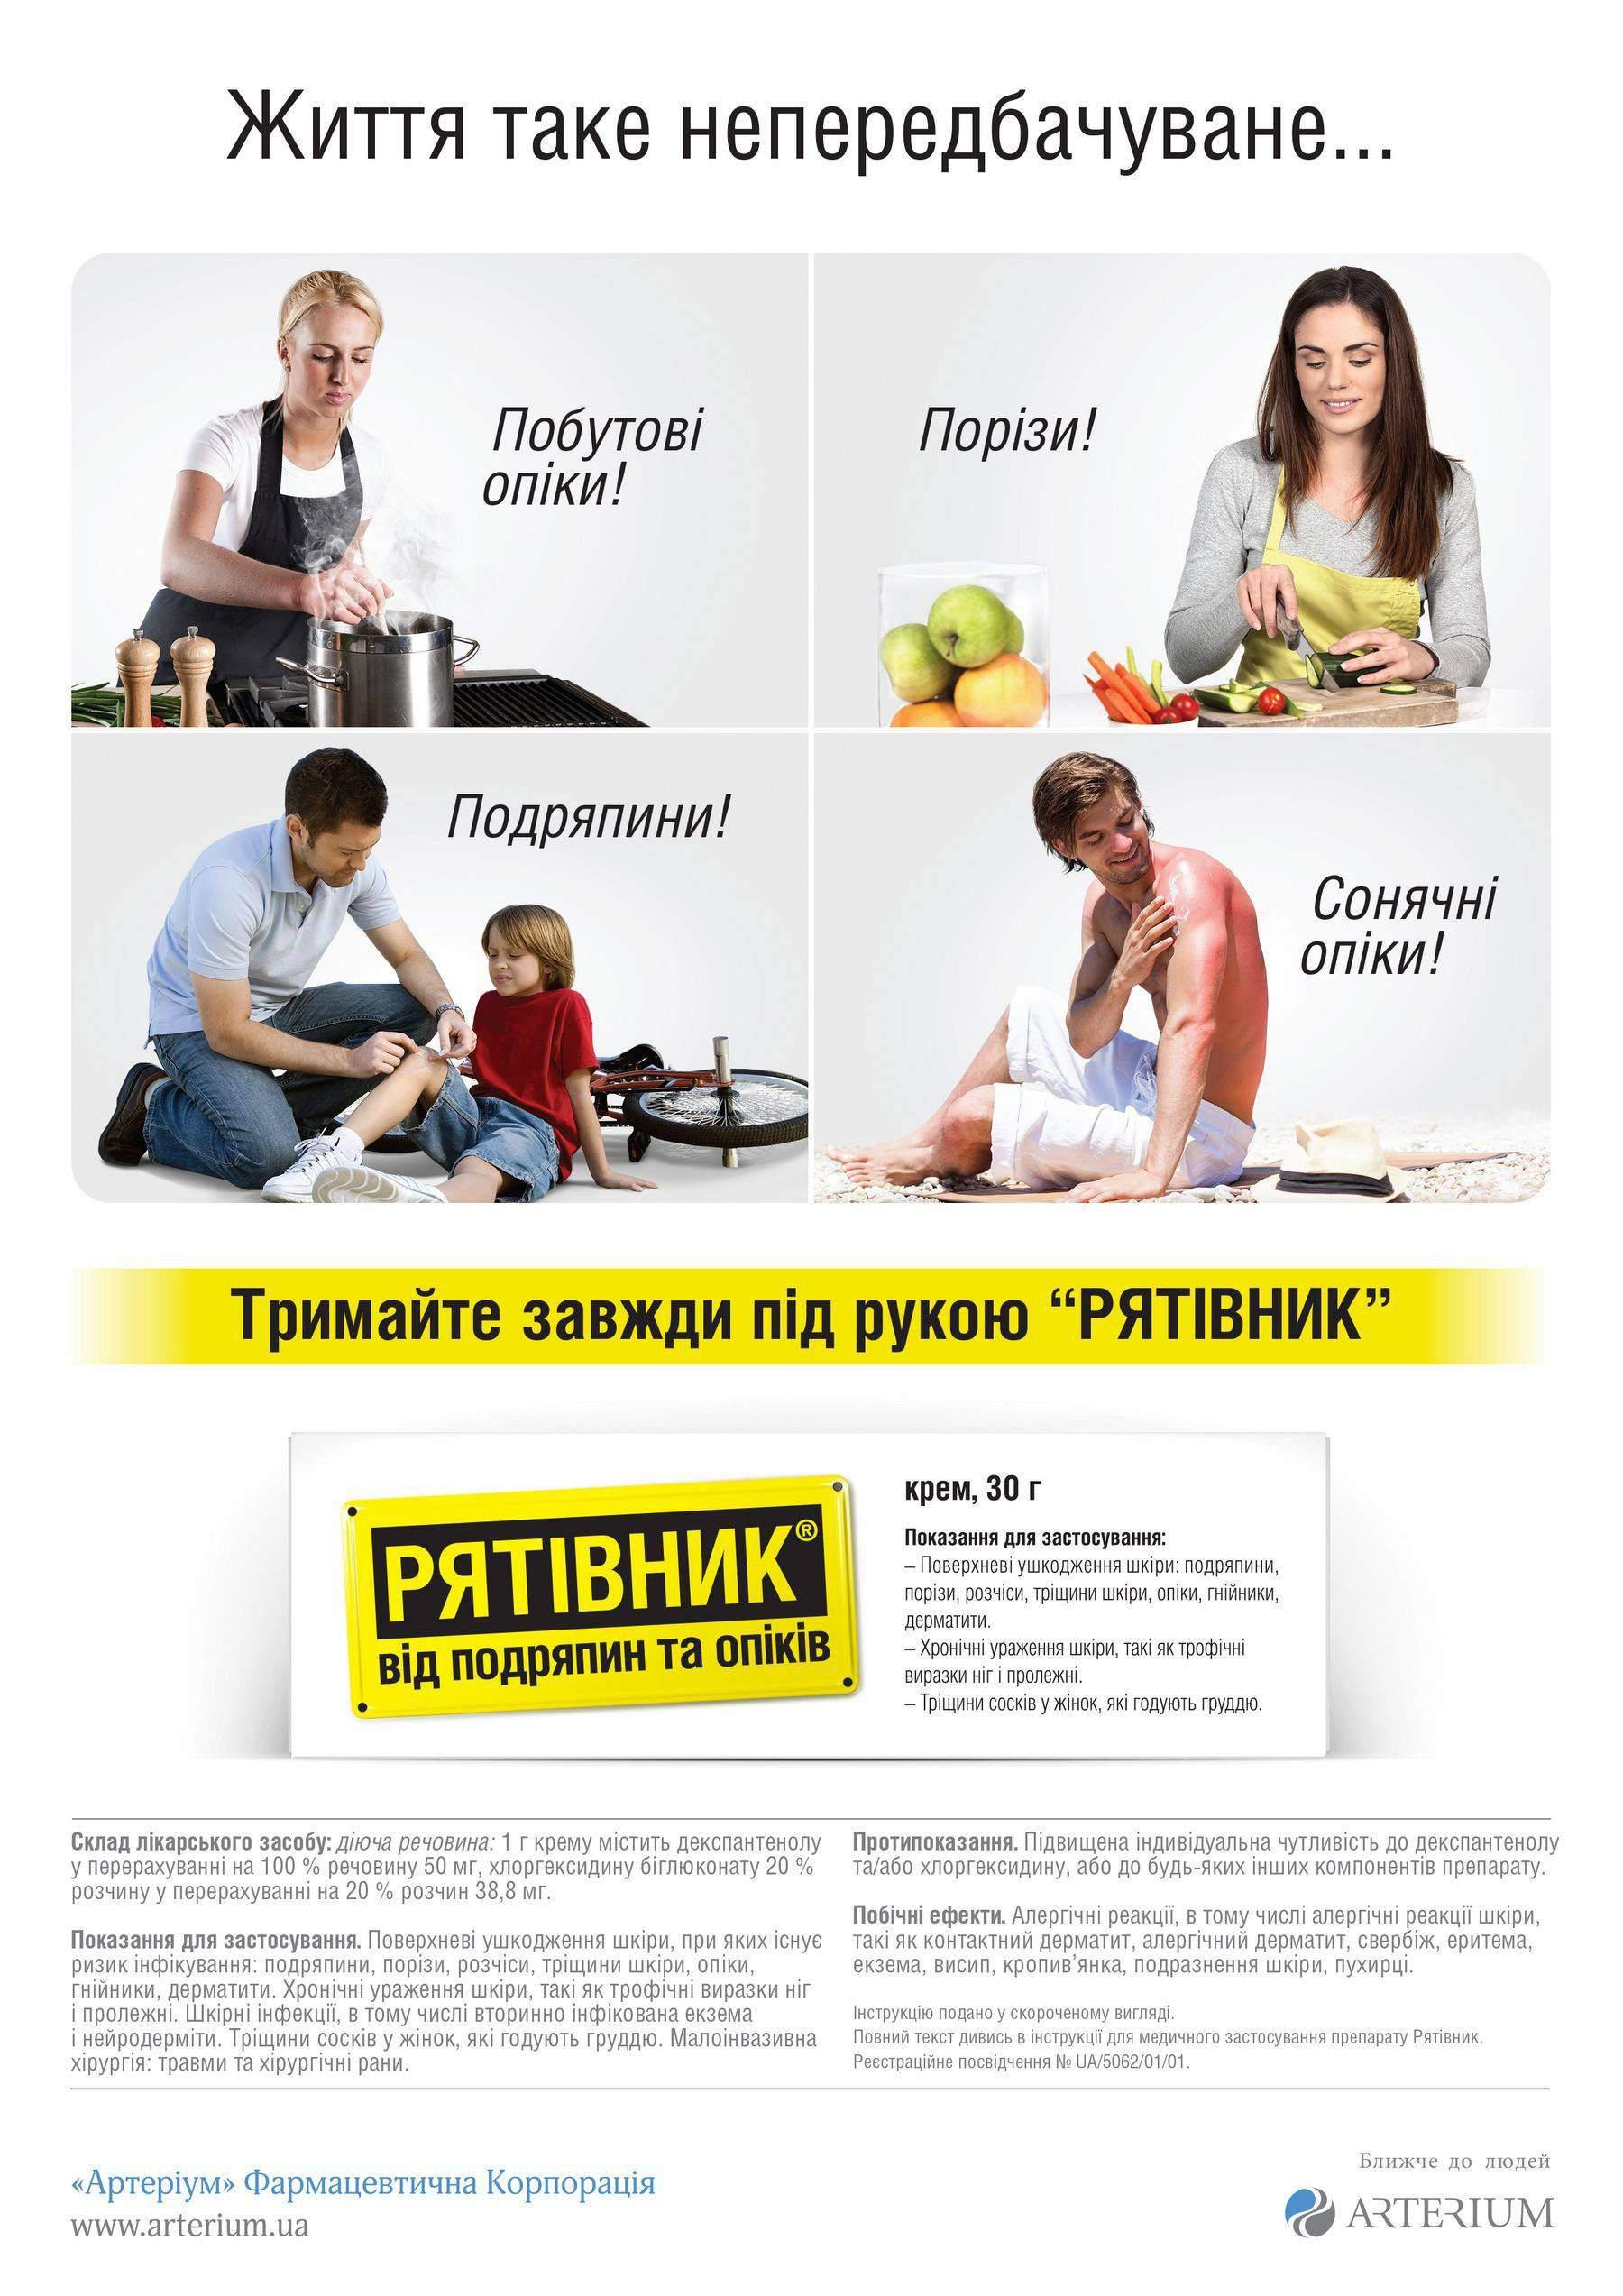 Разработка рекламного образа для препарата «РЯТІВНИК» портфолио